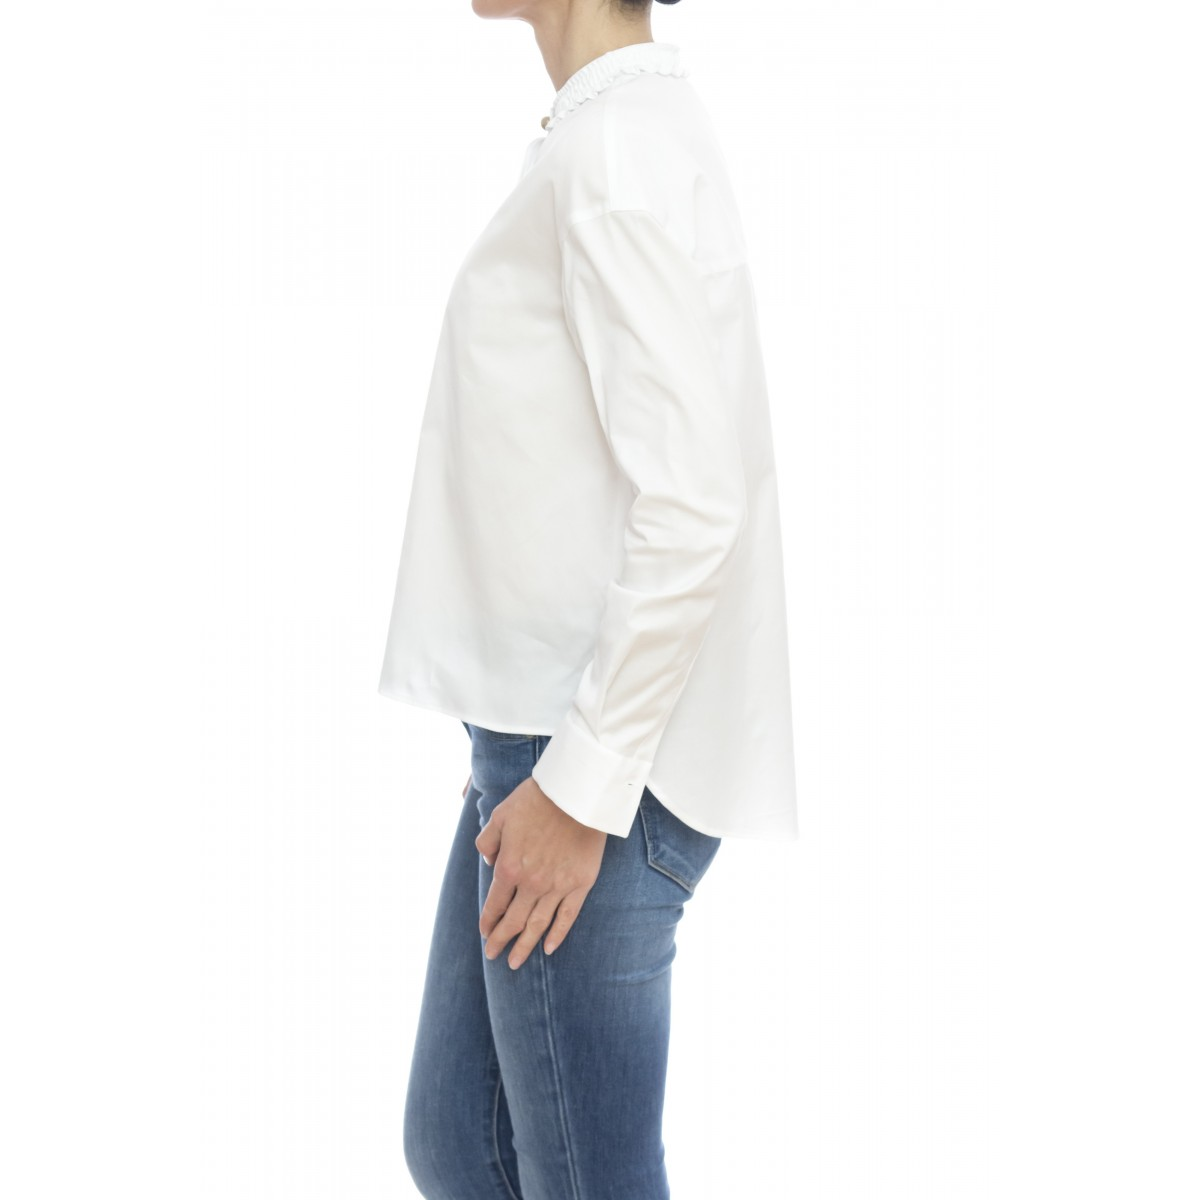 Camicia donna - Pld dup camicia oxford